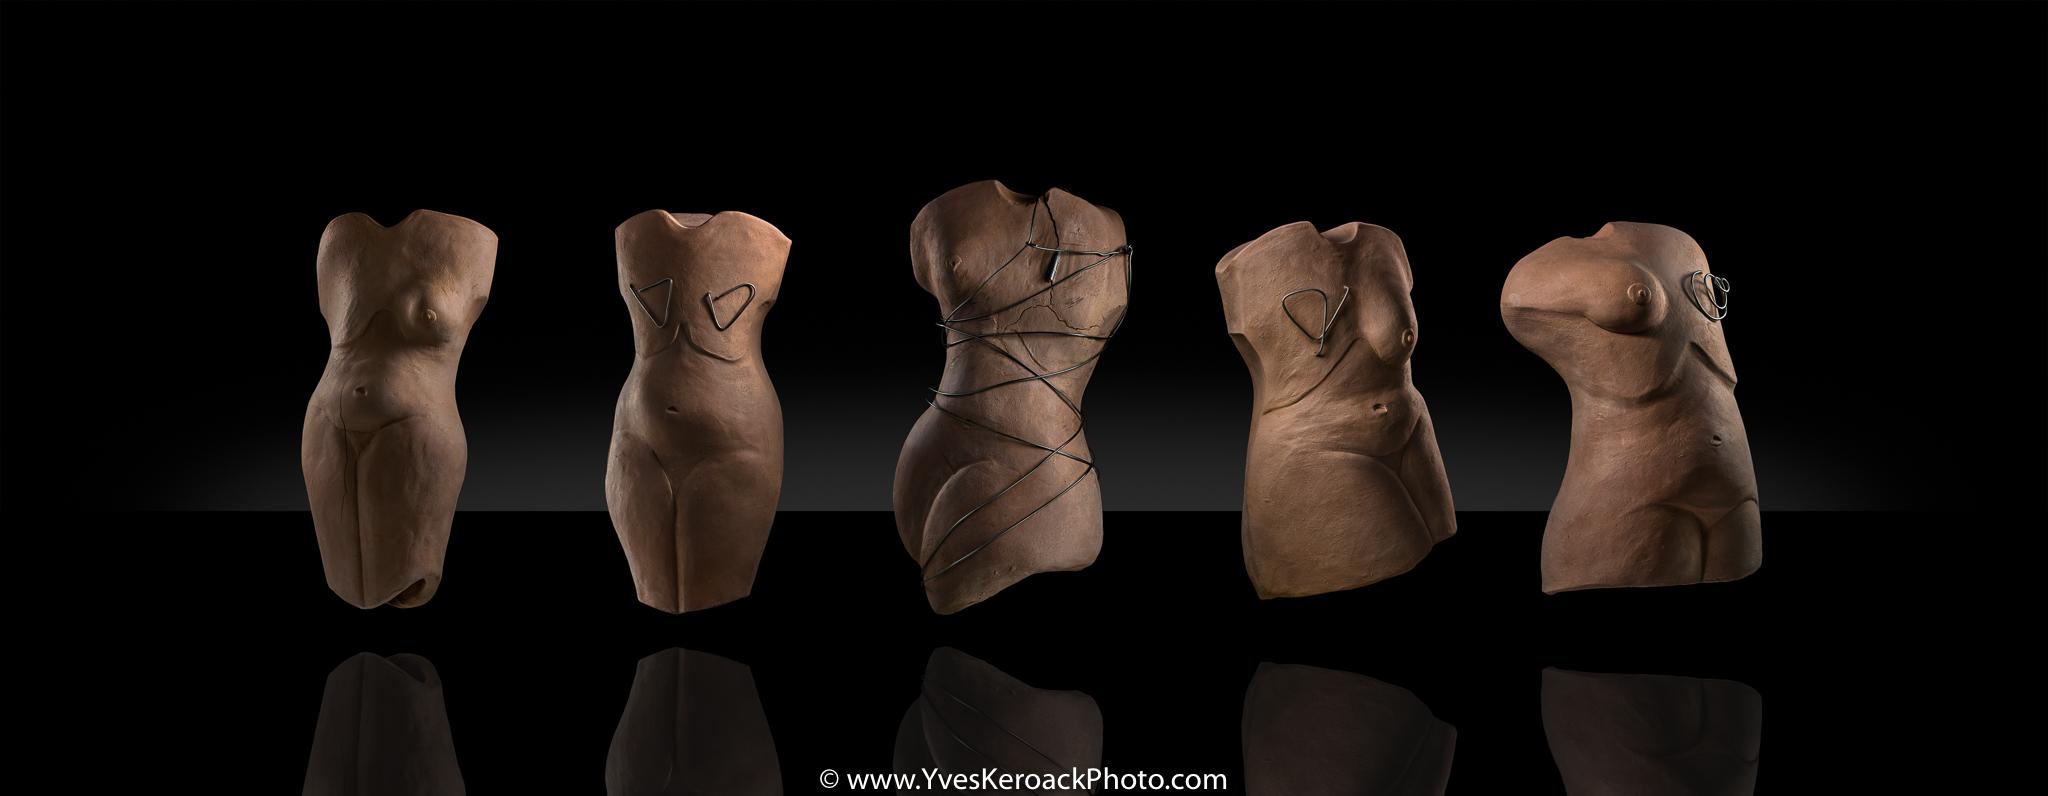 Sculptures sur le thème du cancer du sein